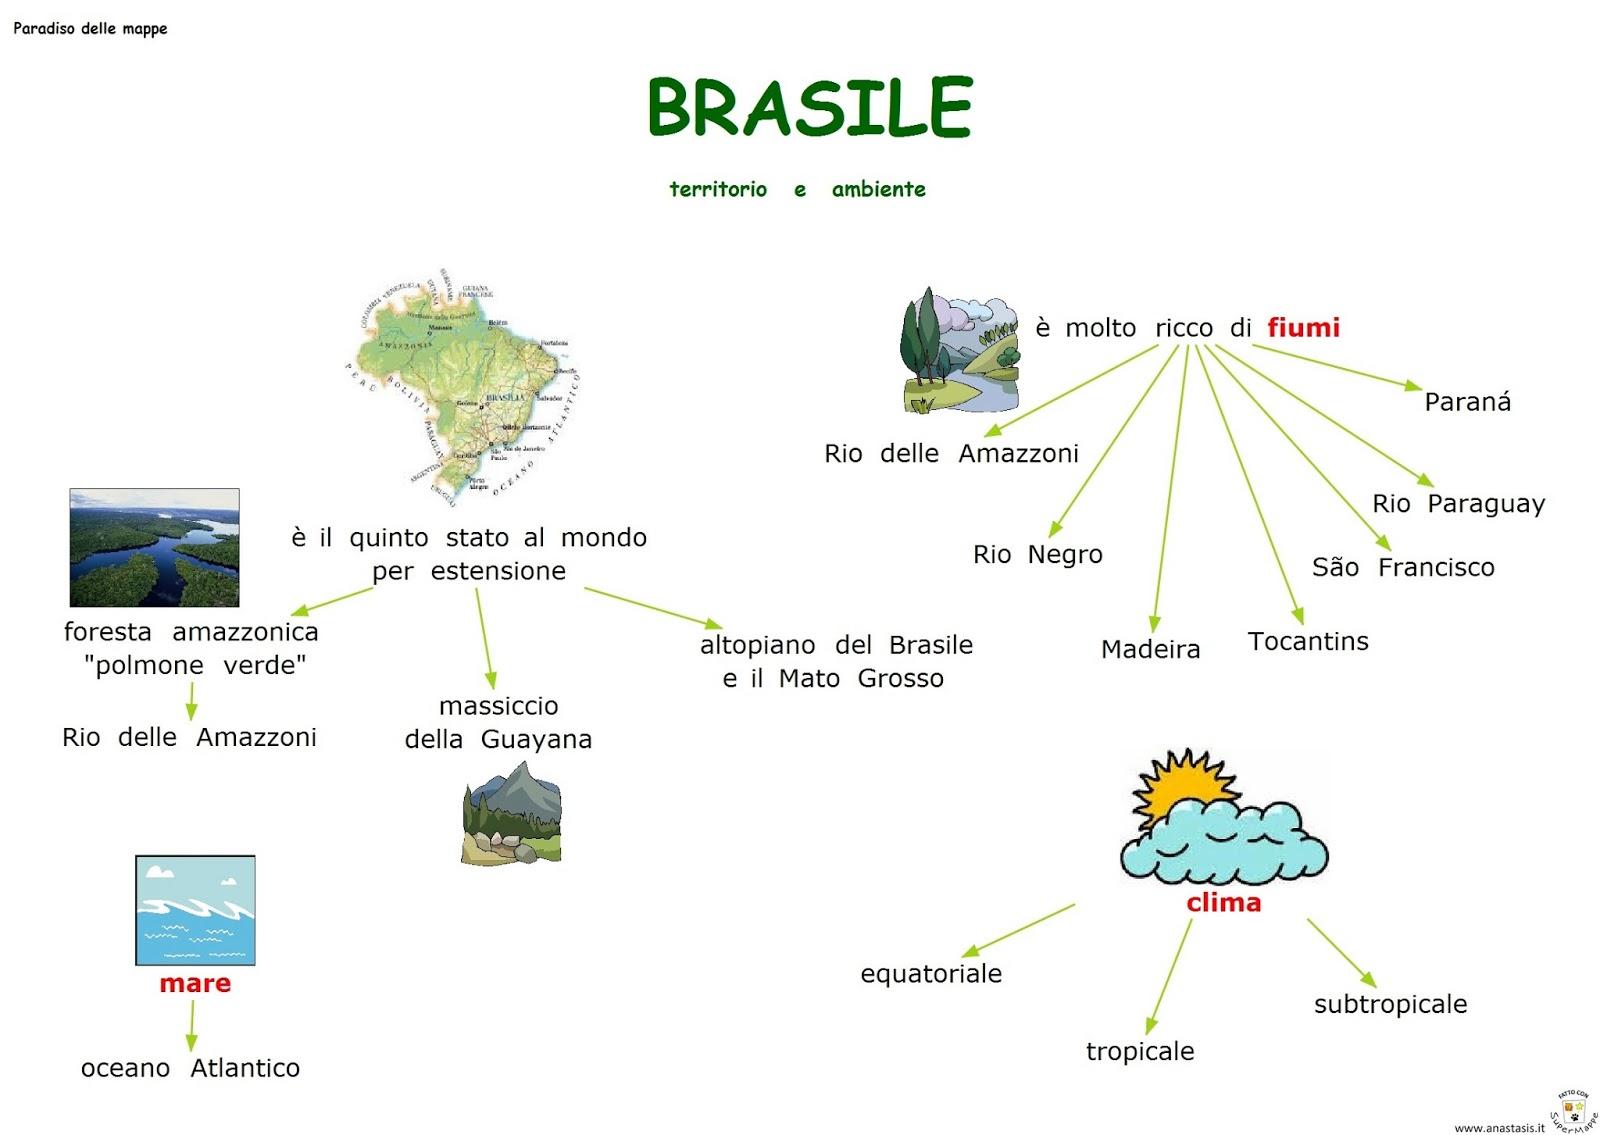 Paradiso delle mappe brasile territorio e ambiente for Interno delle piantagioni del sud